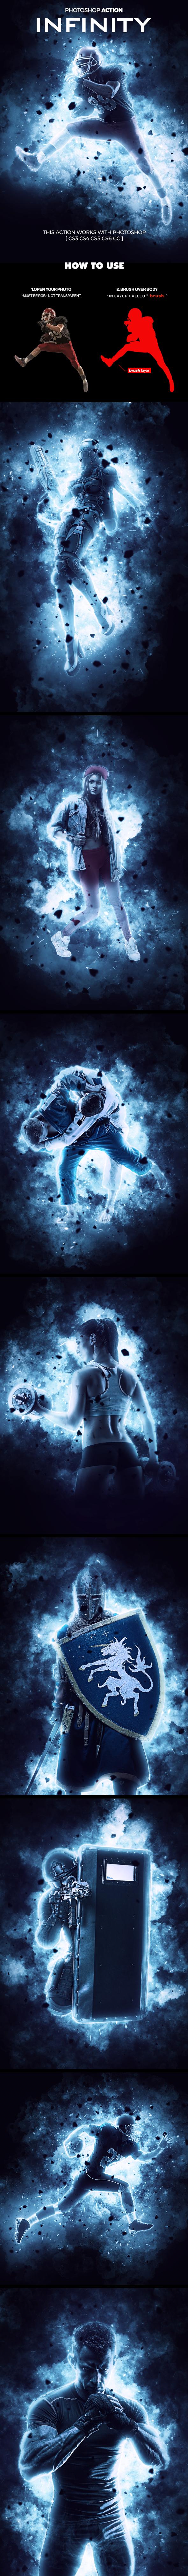 Infinity Photoshop Action by hemalaya